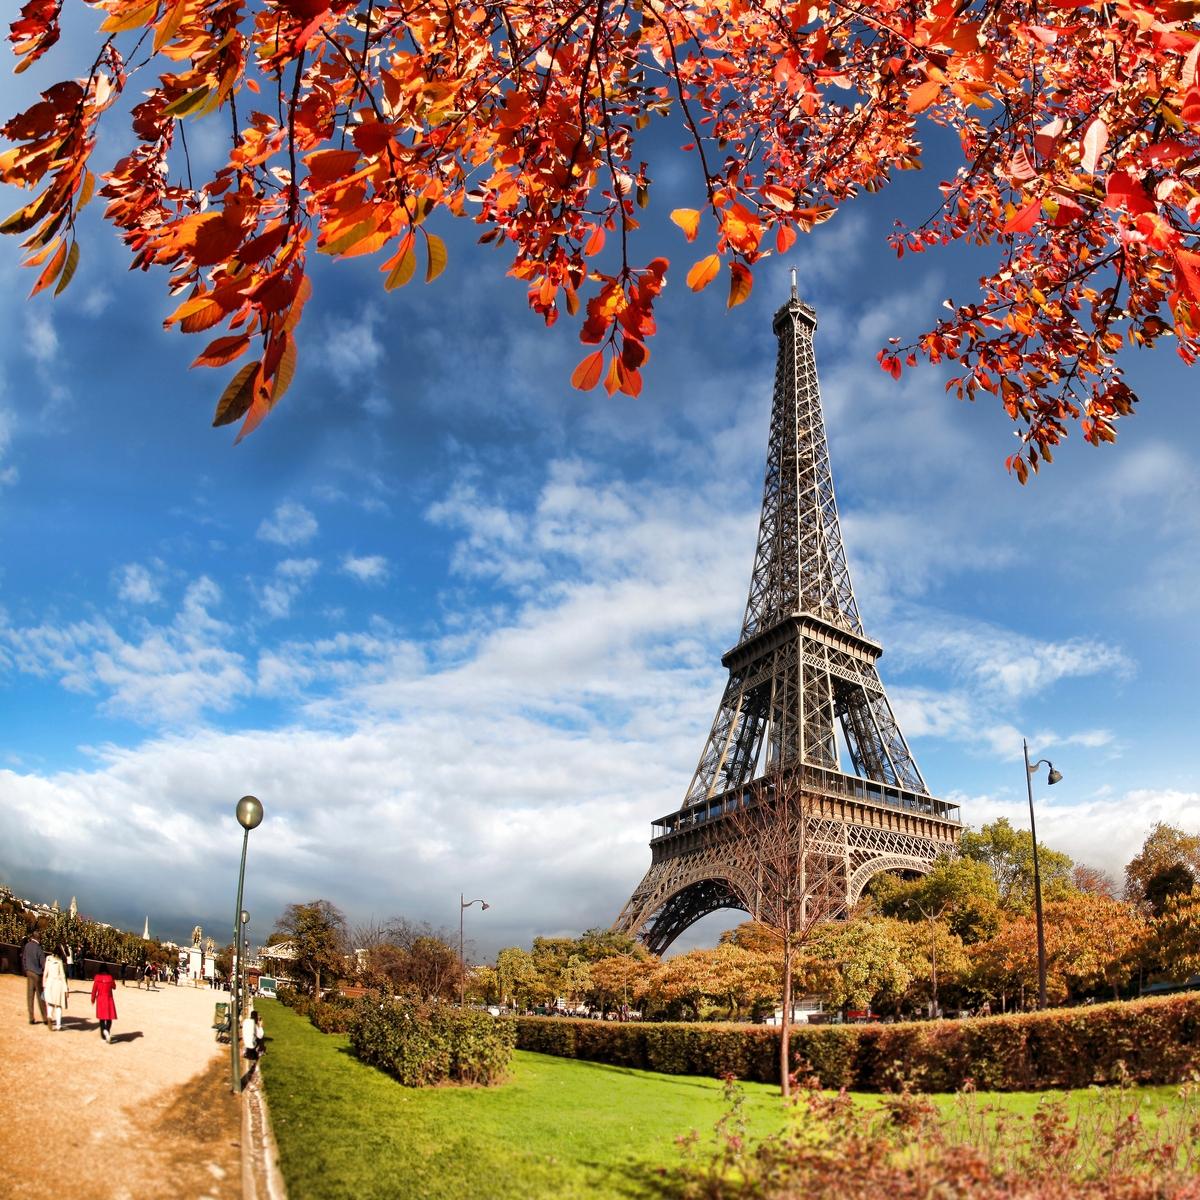 Το Παρίσι είναι ένας απ' τους 20 καλύτερους φθινοπωρινούς προορισμούς